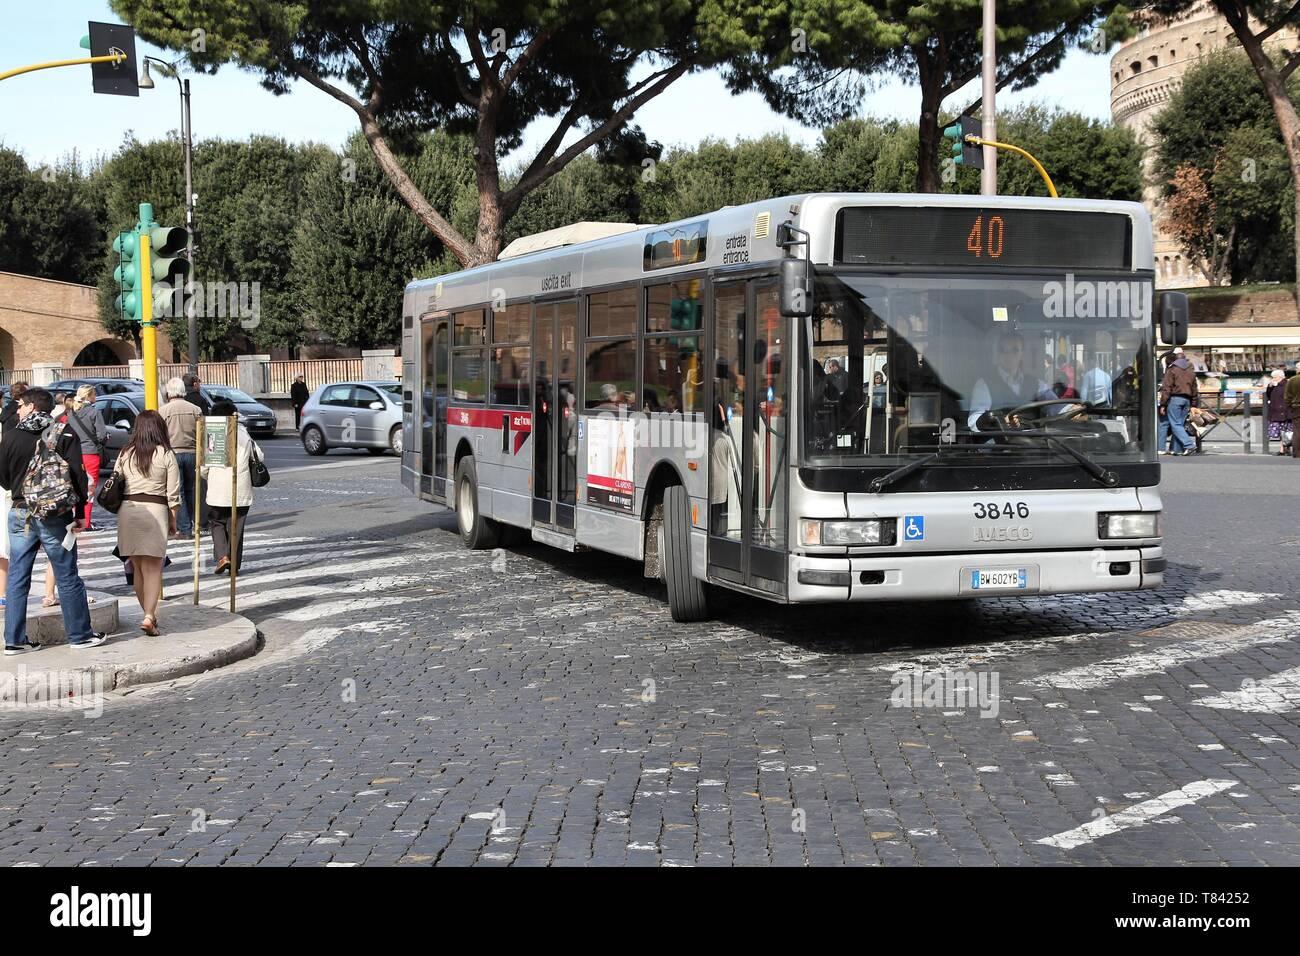 Roma - Aprile 9: Persone ride autobus Iveco gestito da ATAC il 9 aprile 2012 a Roma. Con 350 linee di autobus e 8000 fermate degli autobus ATAC è uno dei più grandi autobus Immagini Stock